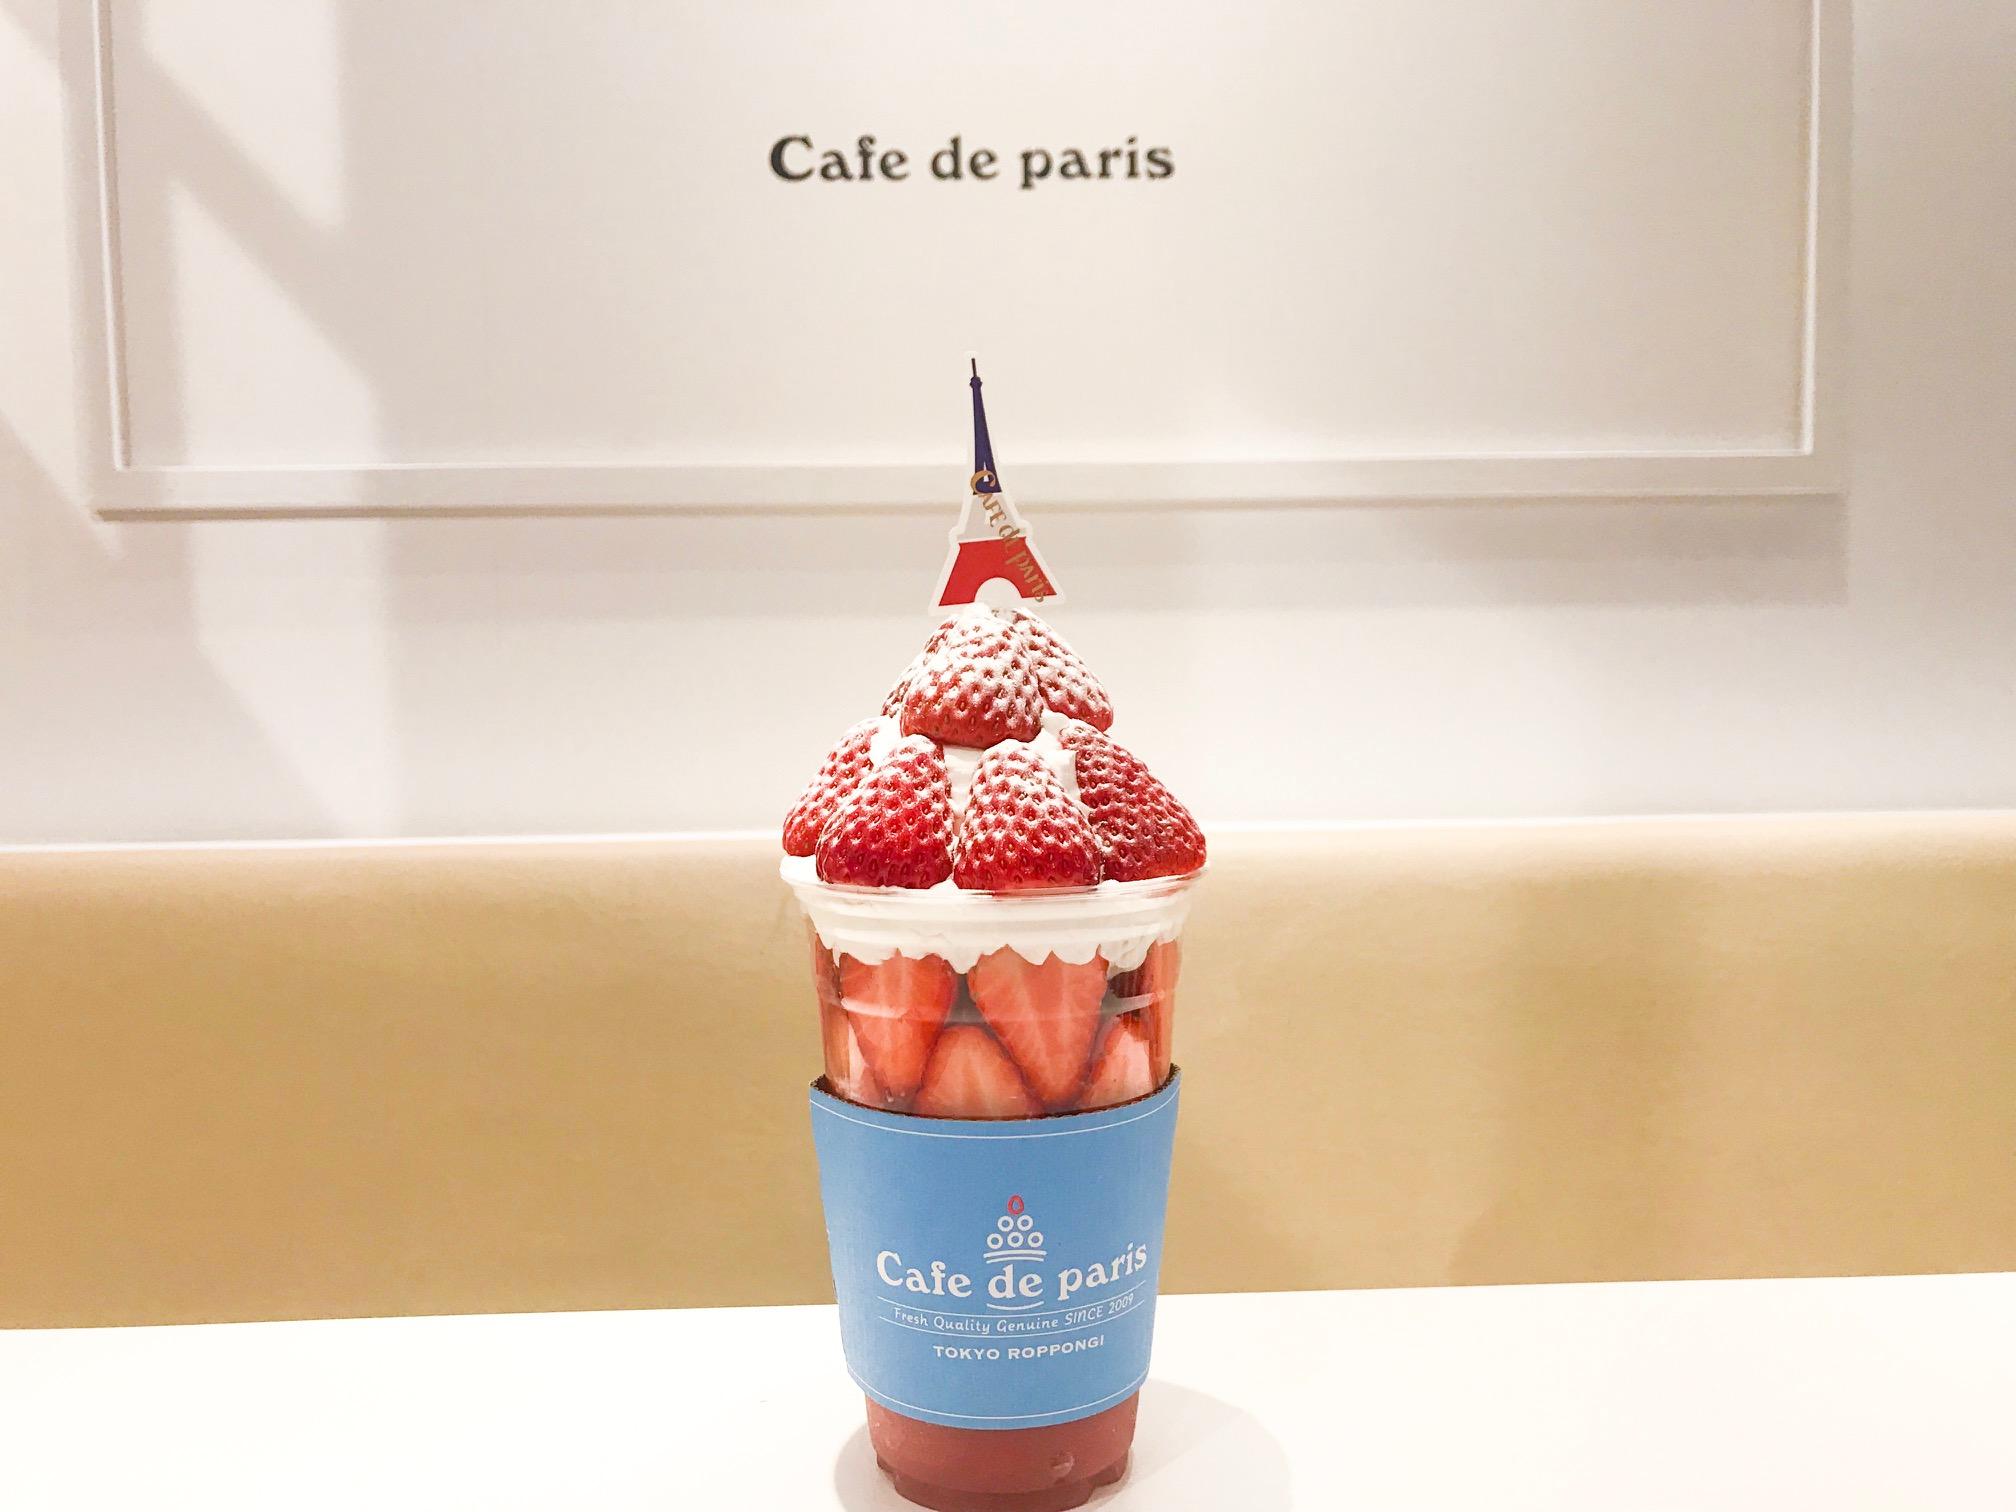 韓国の大人気カフェ『カフェ ド パリ』が「六本木ヒルズ」に期間限定OPEN中。限定「ストロベリーホワイトチョコボンボン」を見逃すな♡_3